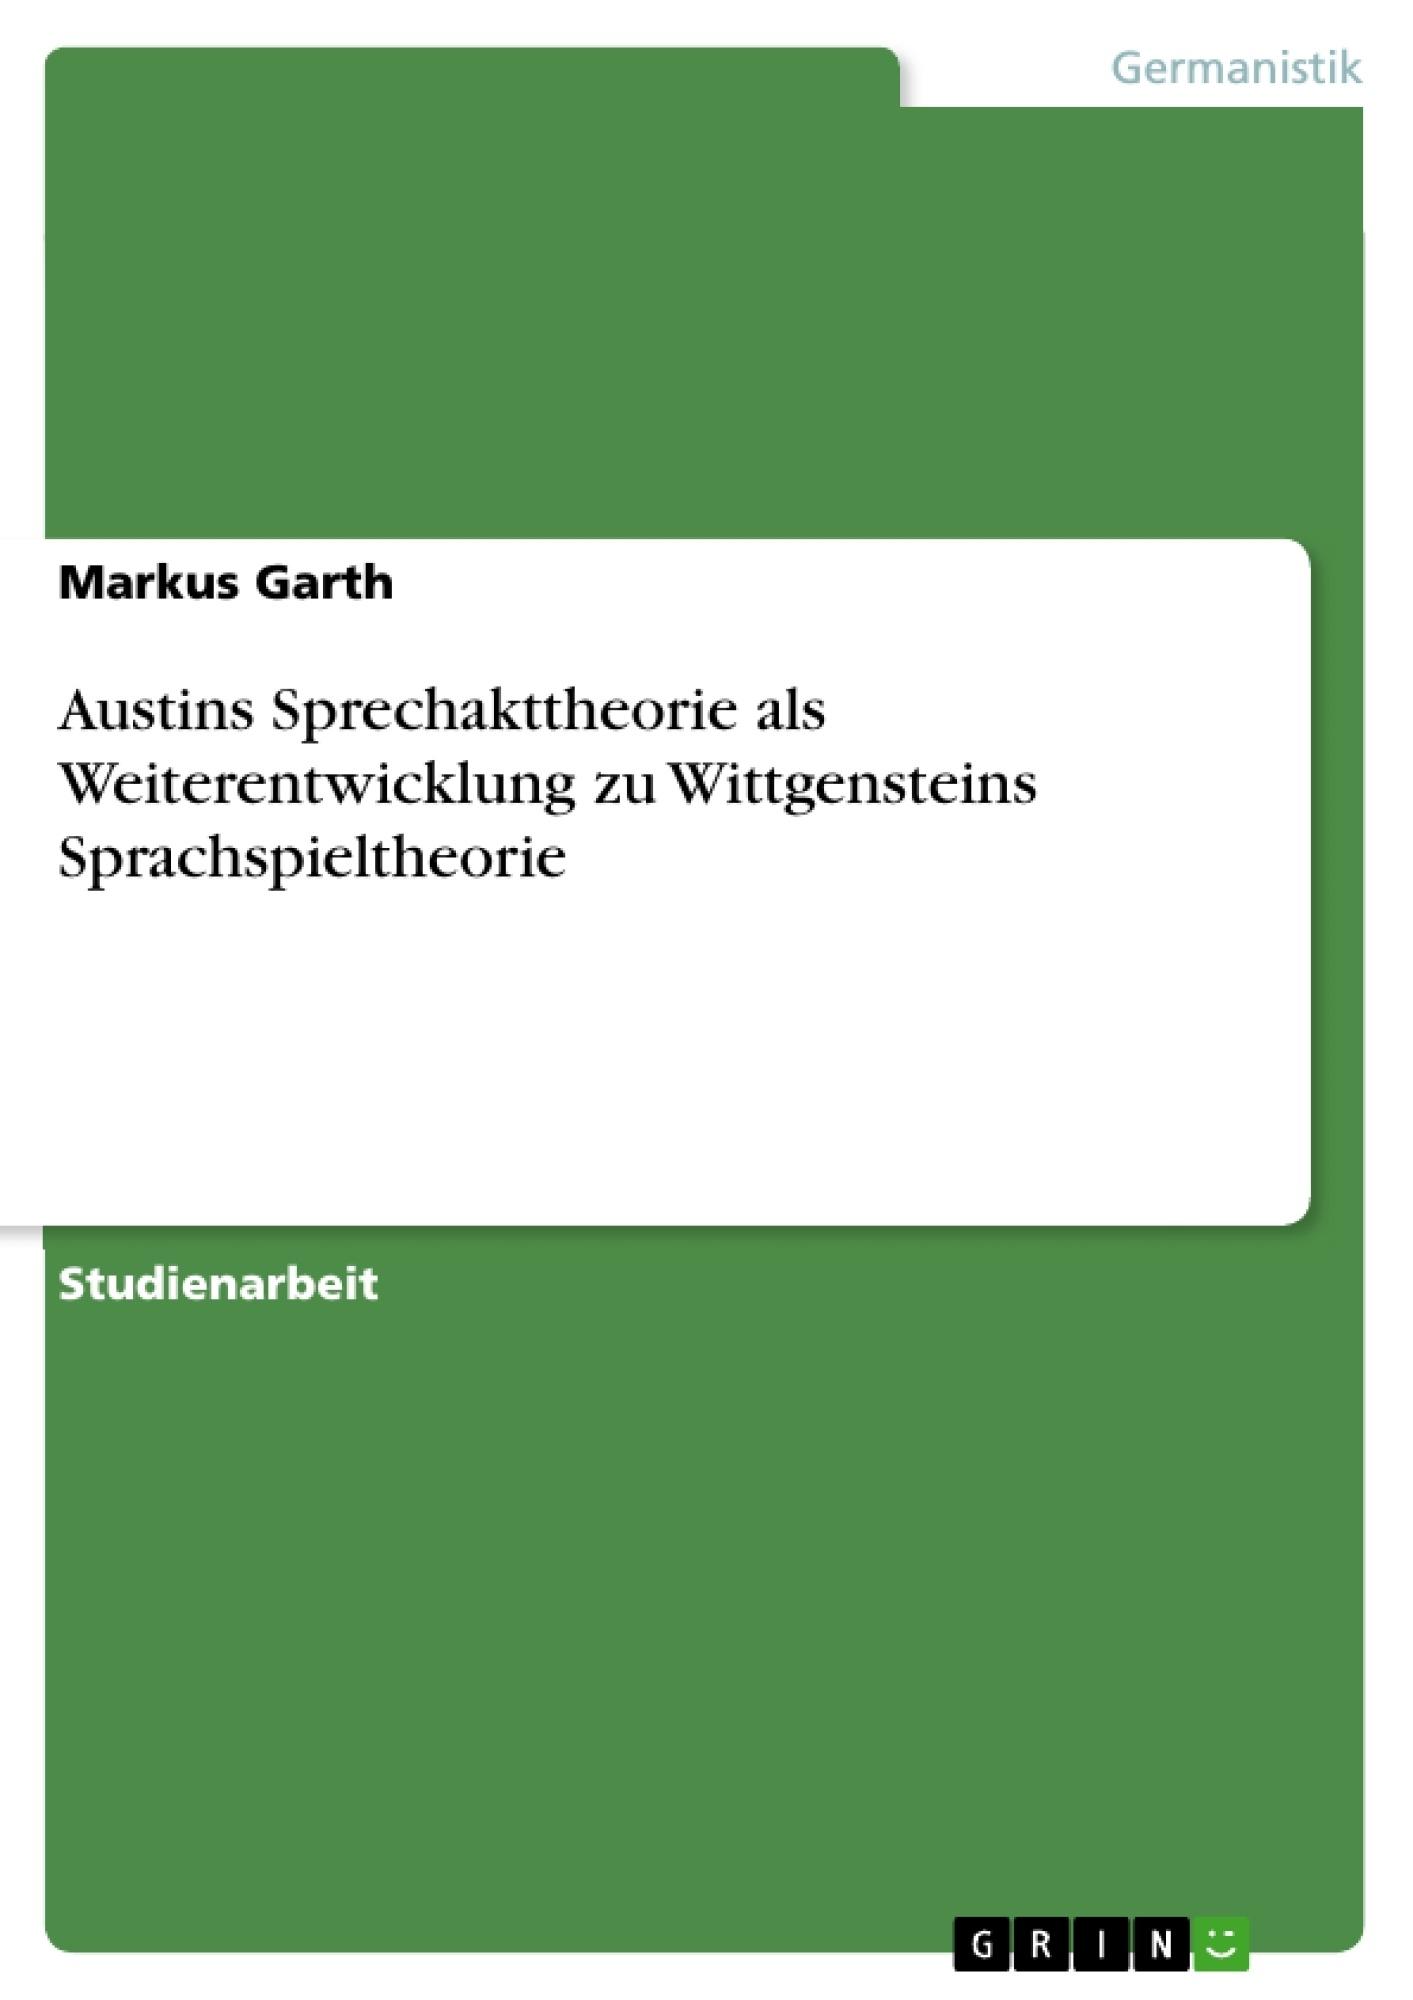 Titel: Austins Sprechakttheorie als Weiterentwicklung zu Wittgensteins Sprachspieltheorie